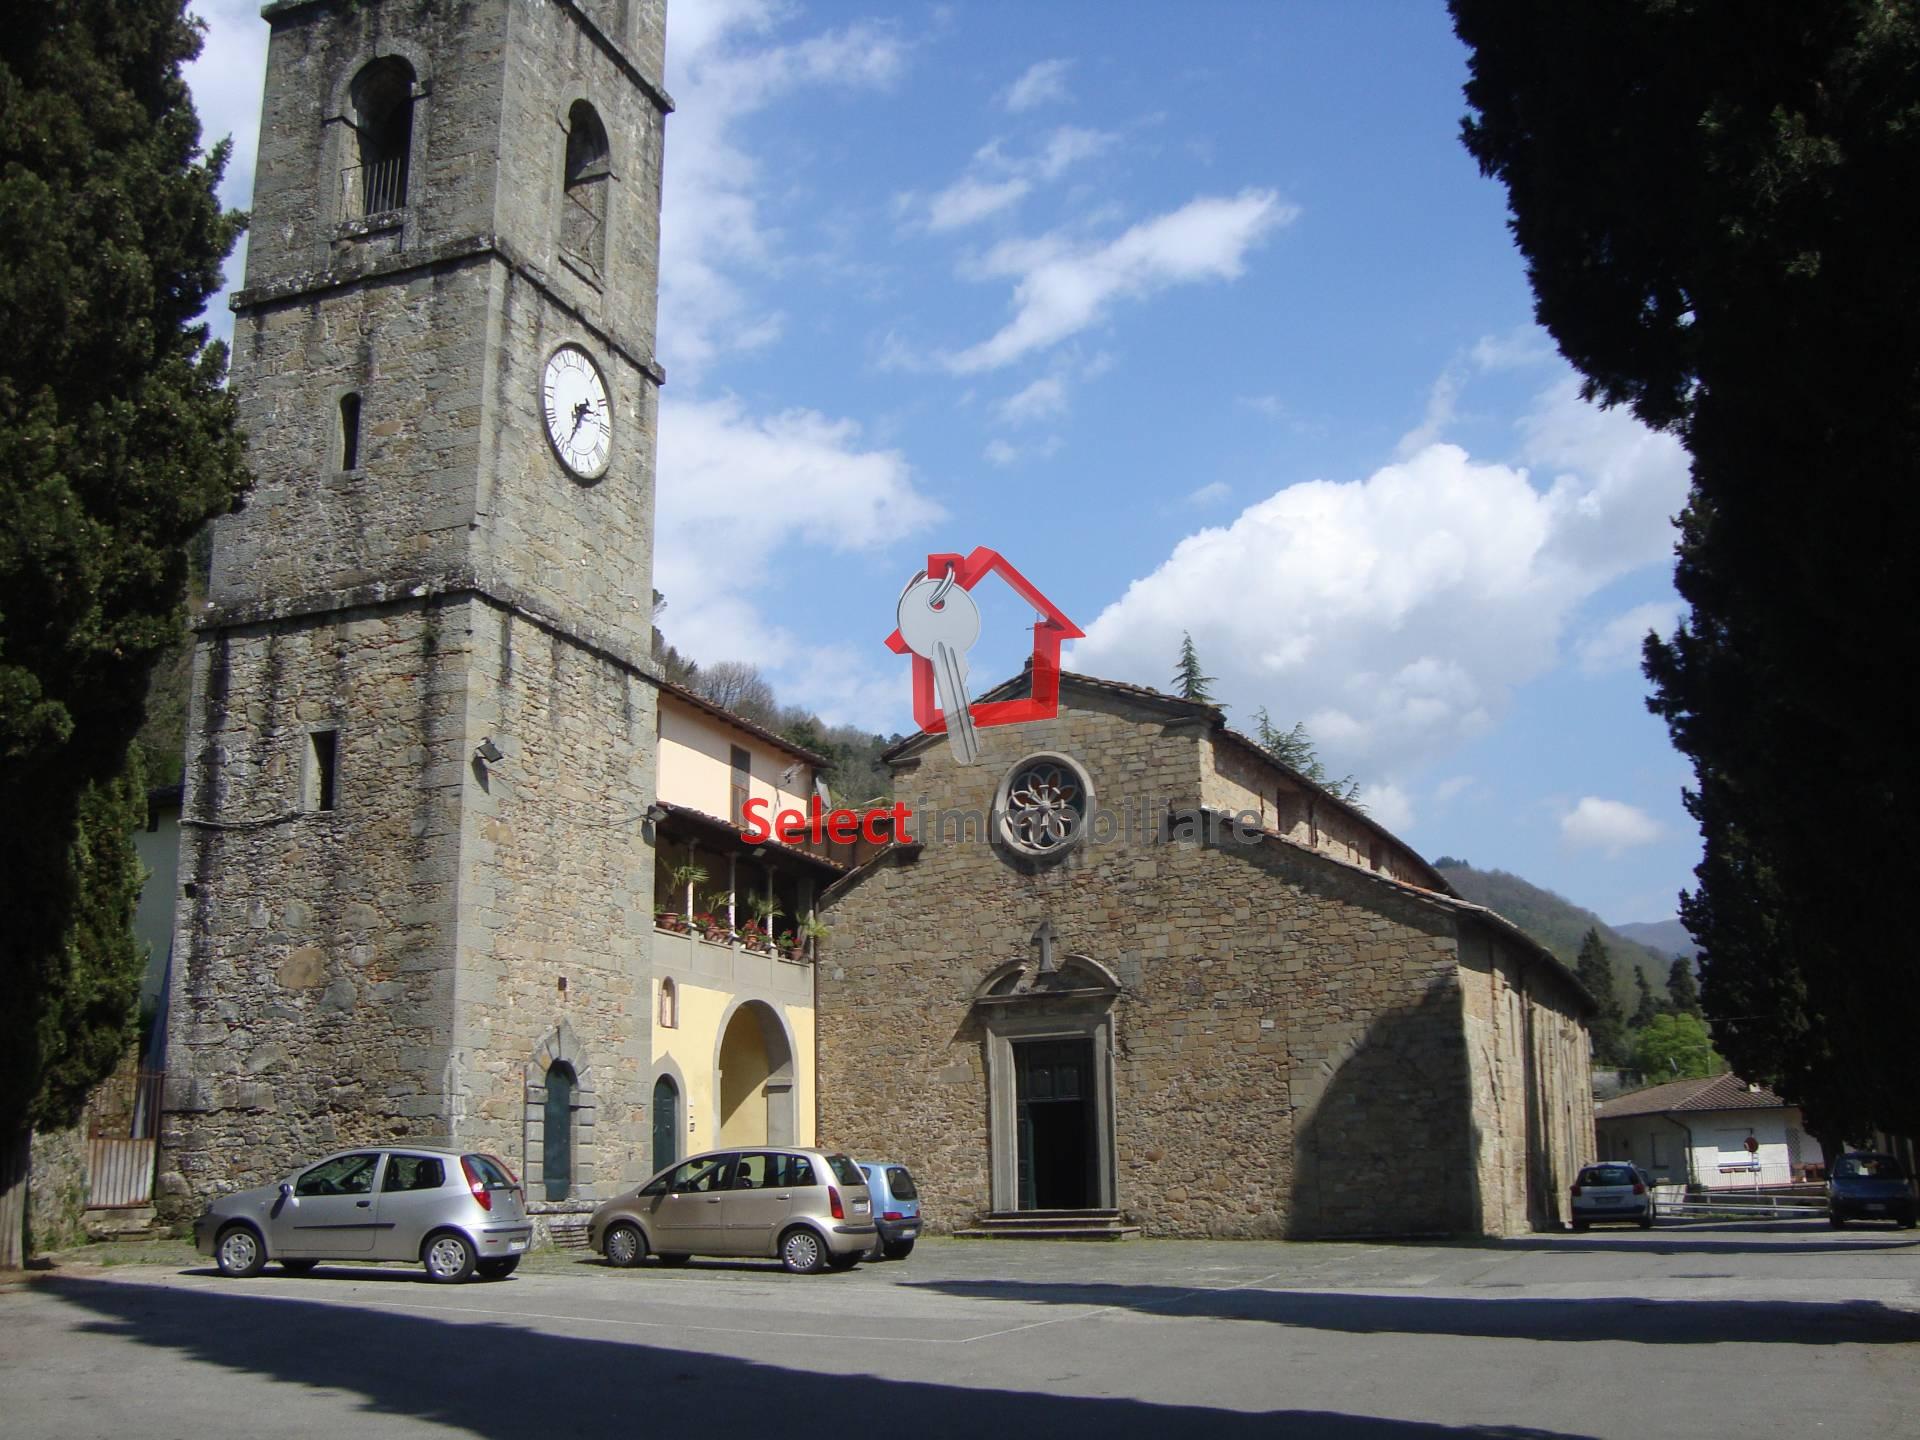 Appartamento in vendita a Bagni di Lucca, 4 locali, prezzo € 100.000 | Cambio Casa.it